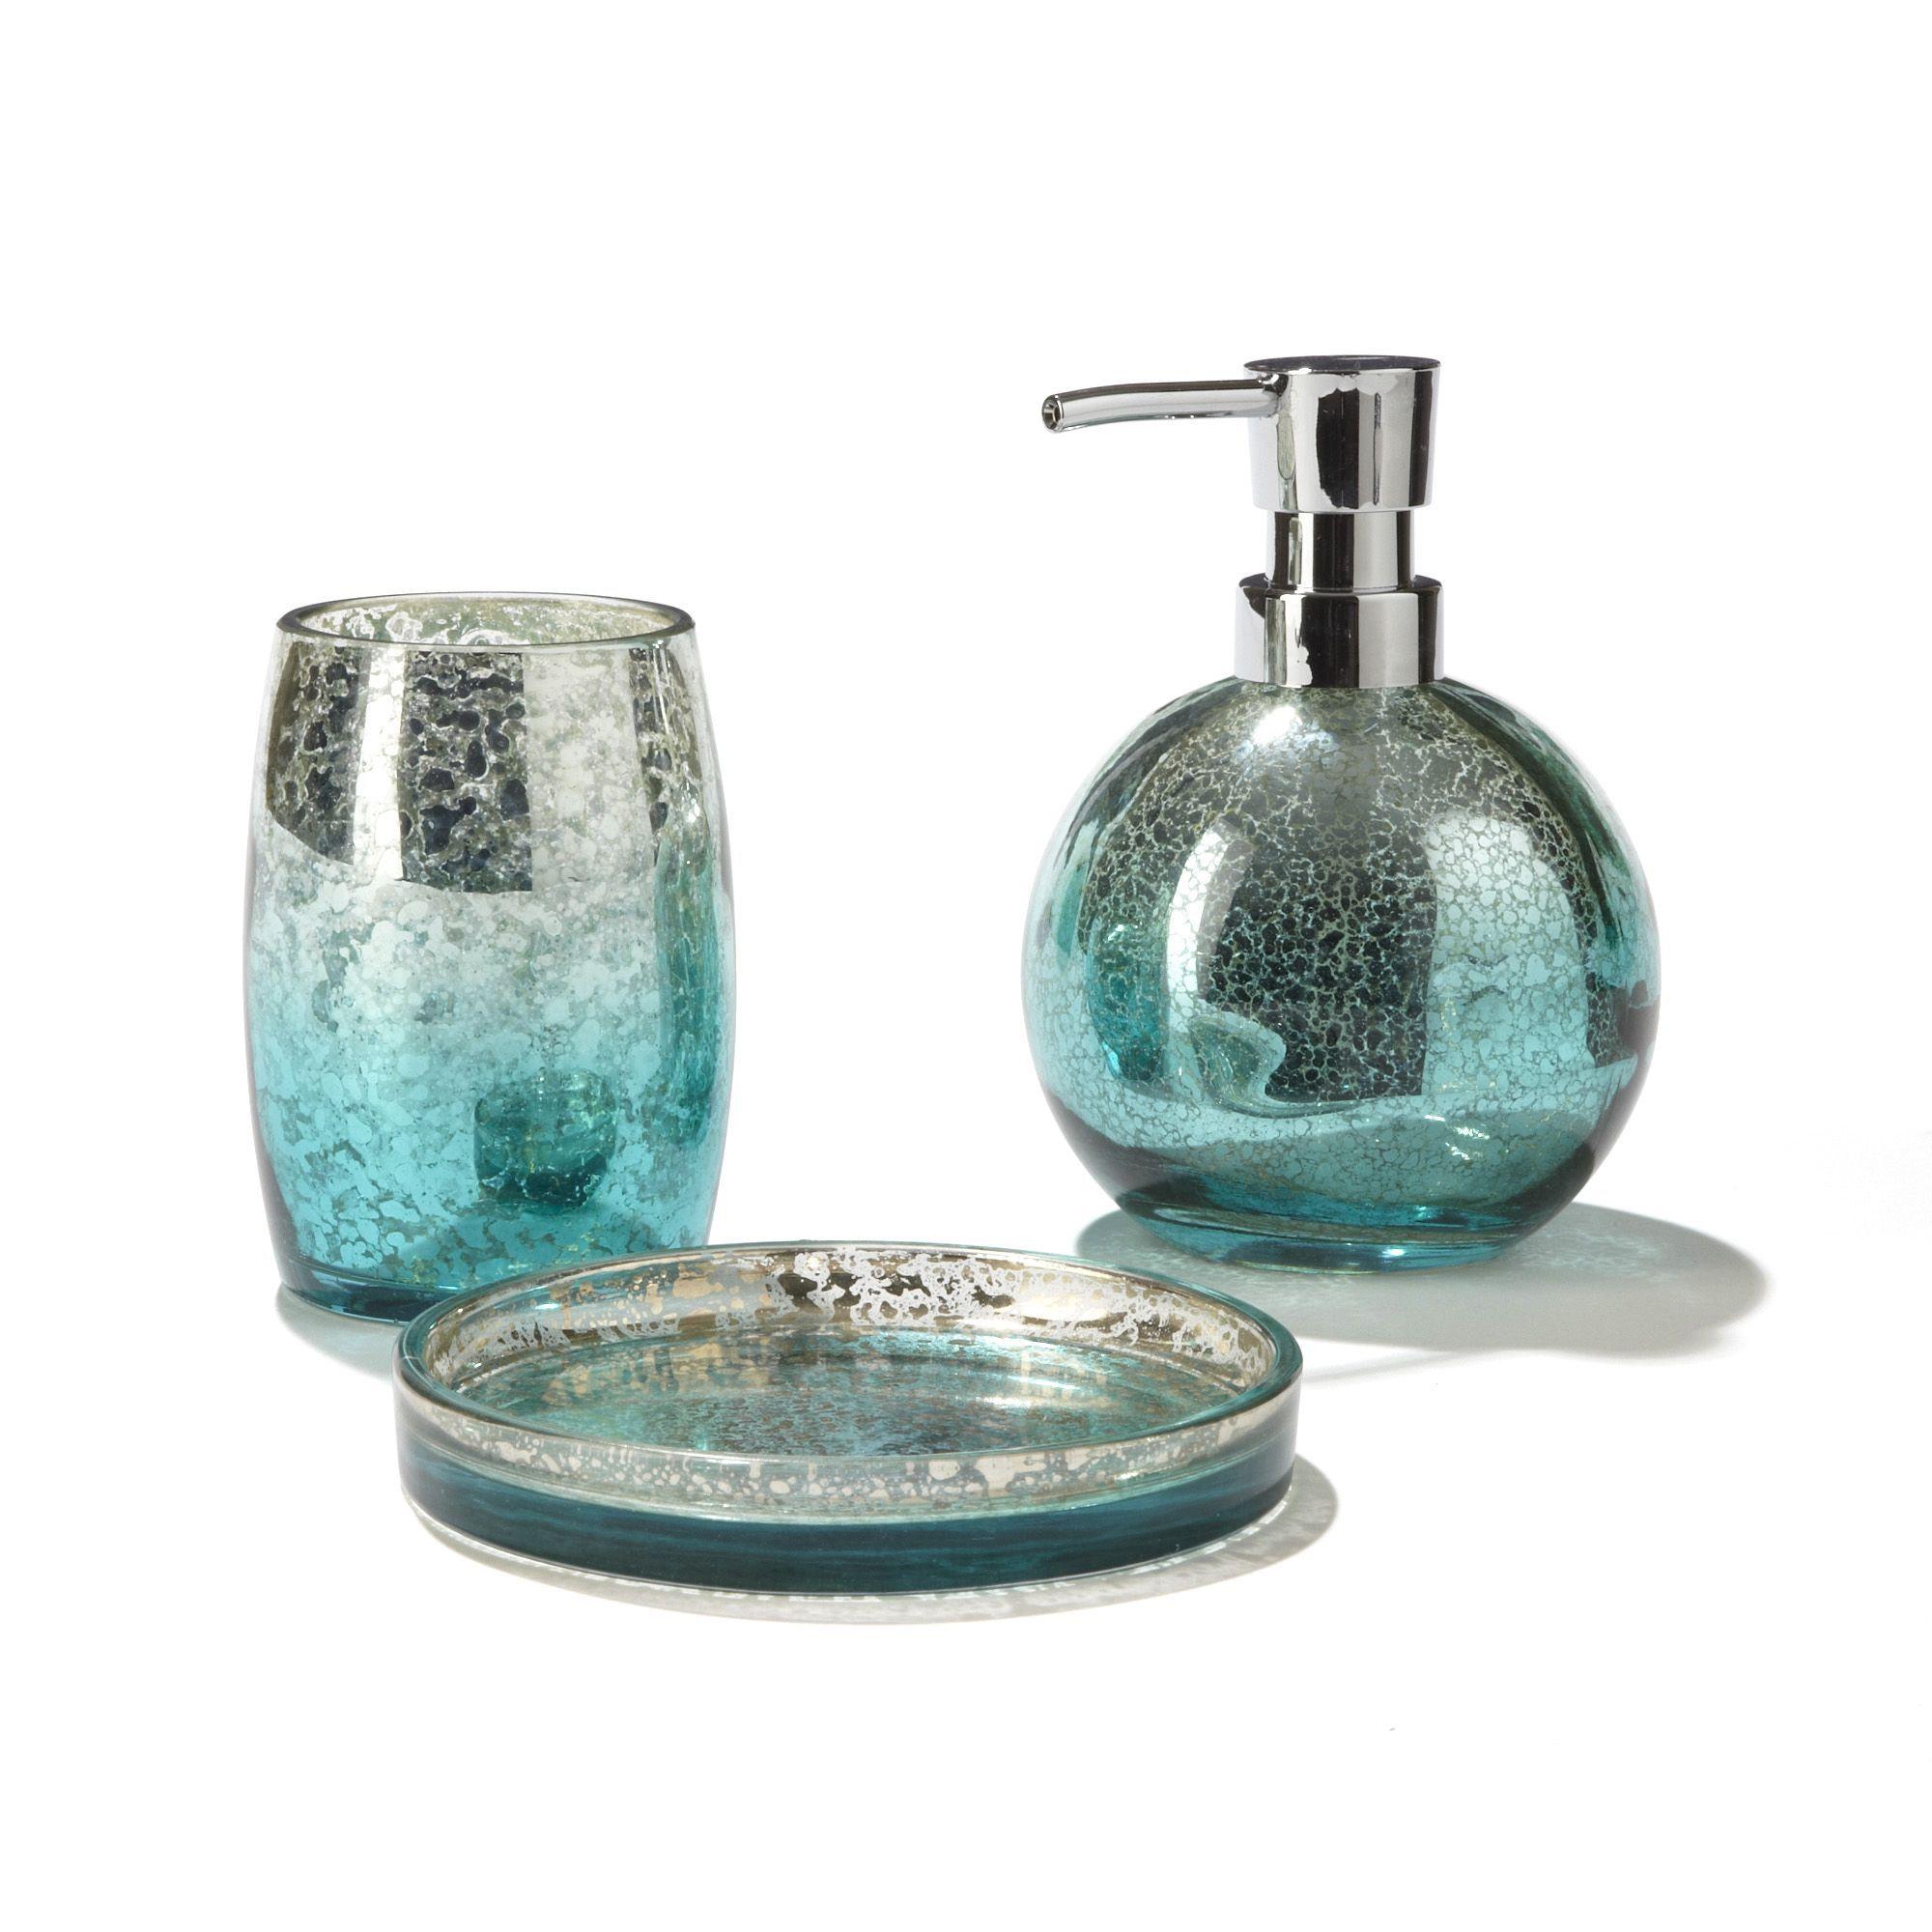 Salle De Bain Gris Anthracite Et Bleu ~ iris bain porte savons distributeurs accessoires de salle de